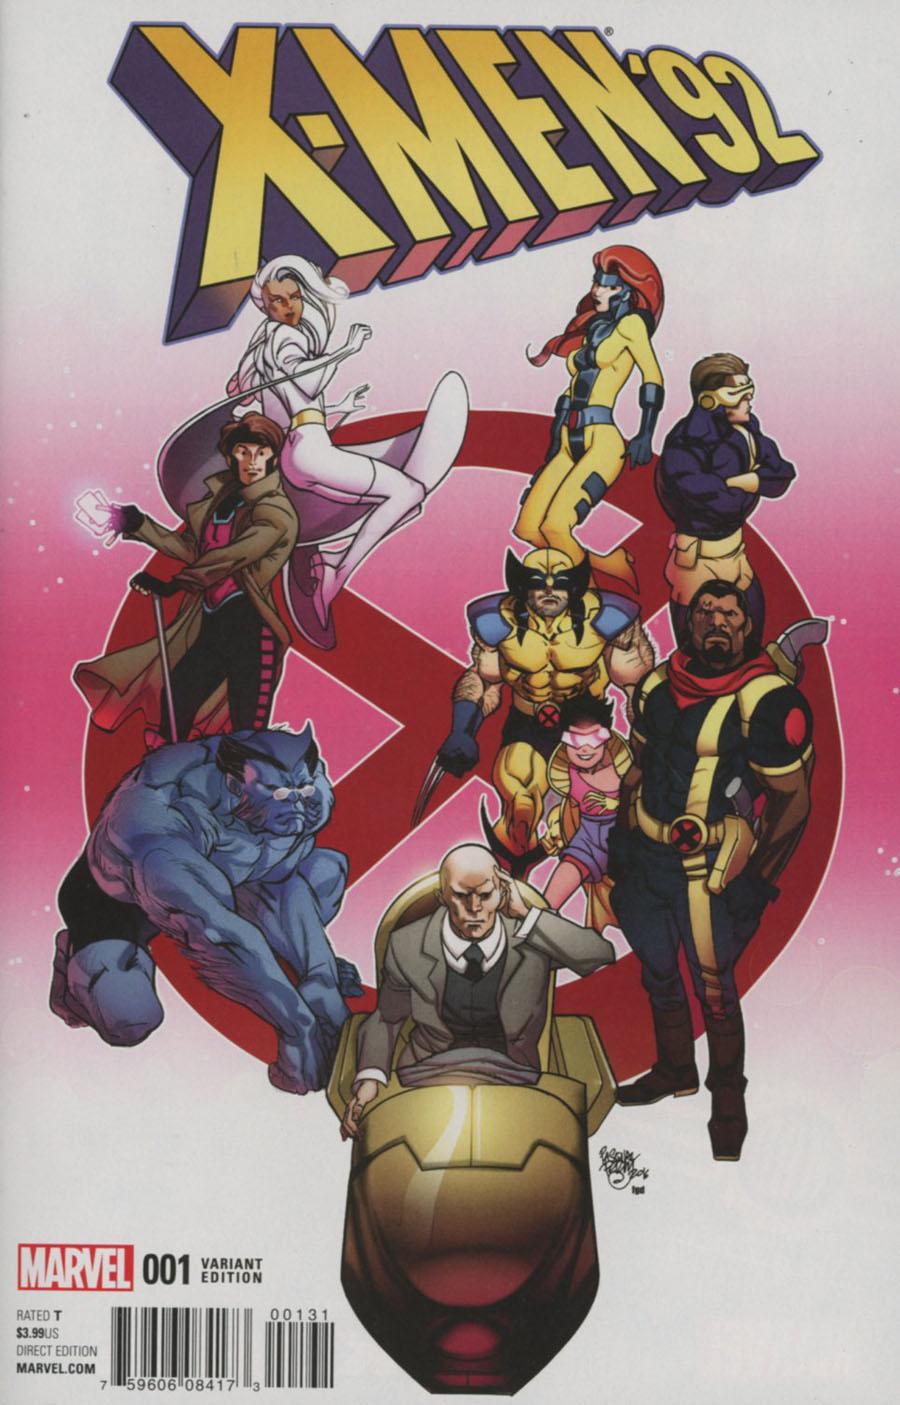 X-Men 92 Vol 2 #1 Cover D Incentive Variant Cover